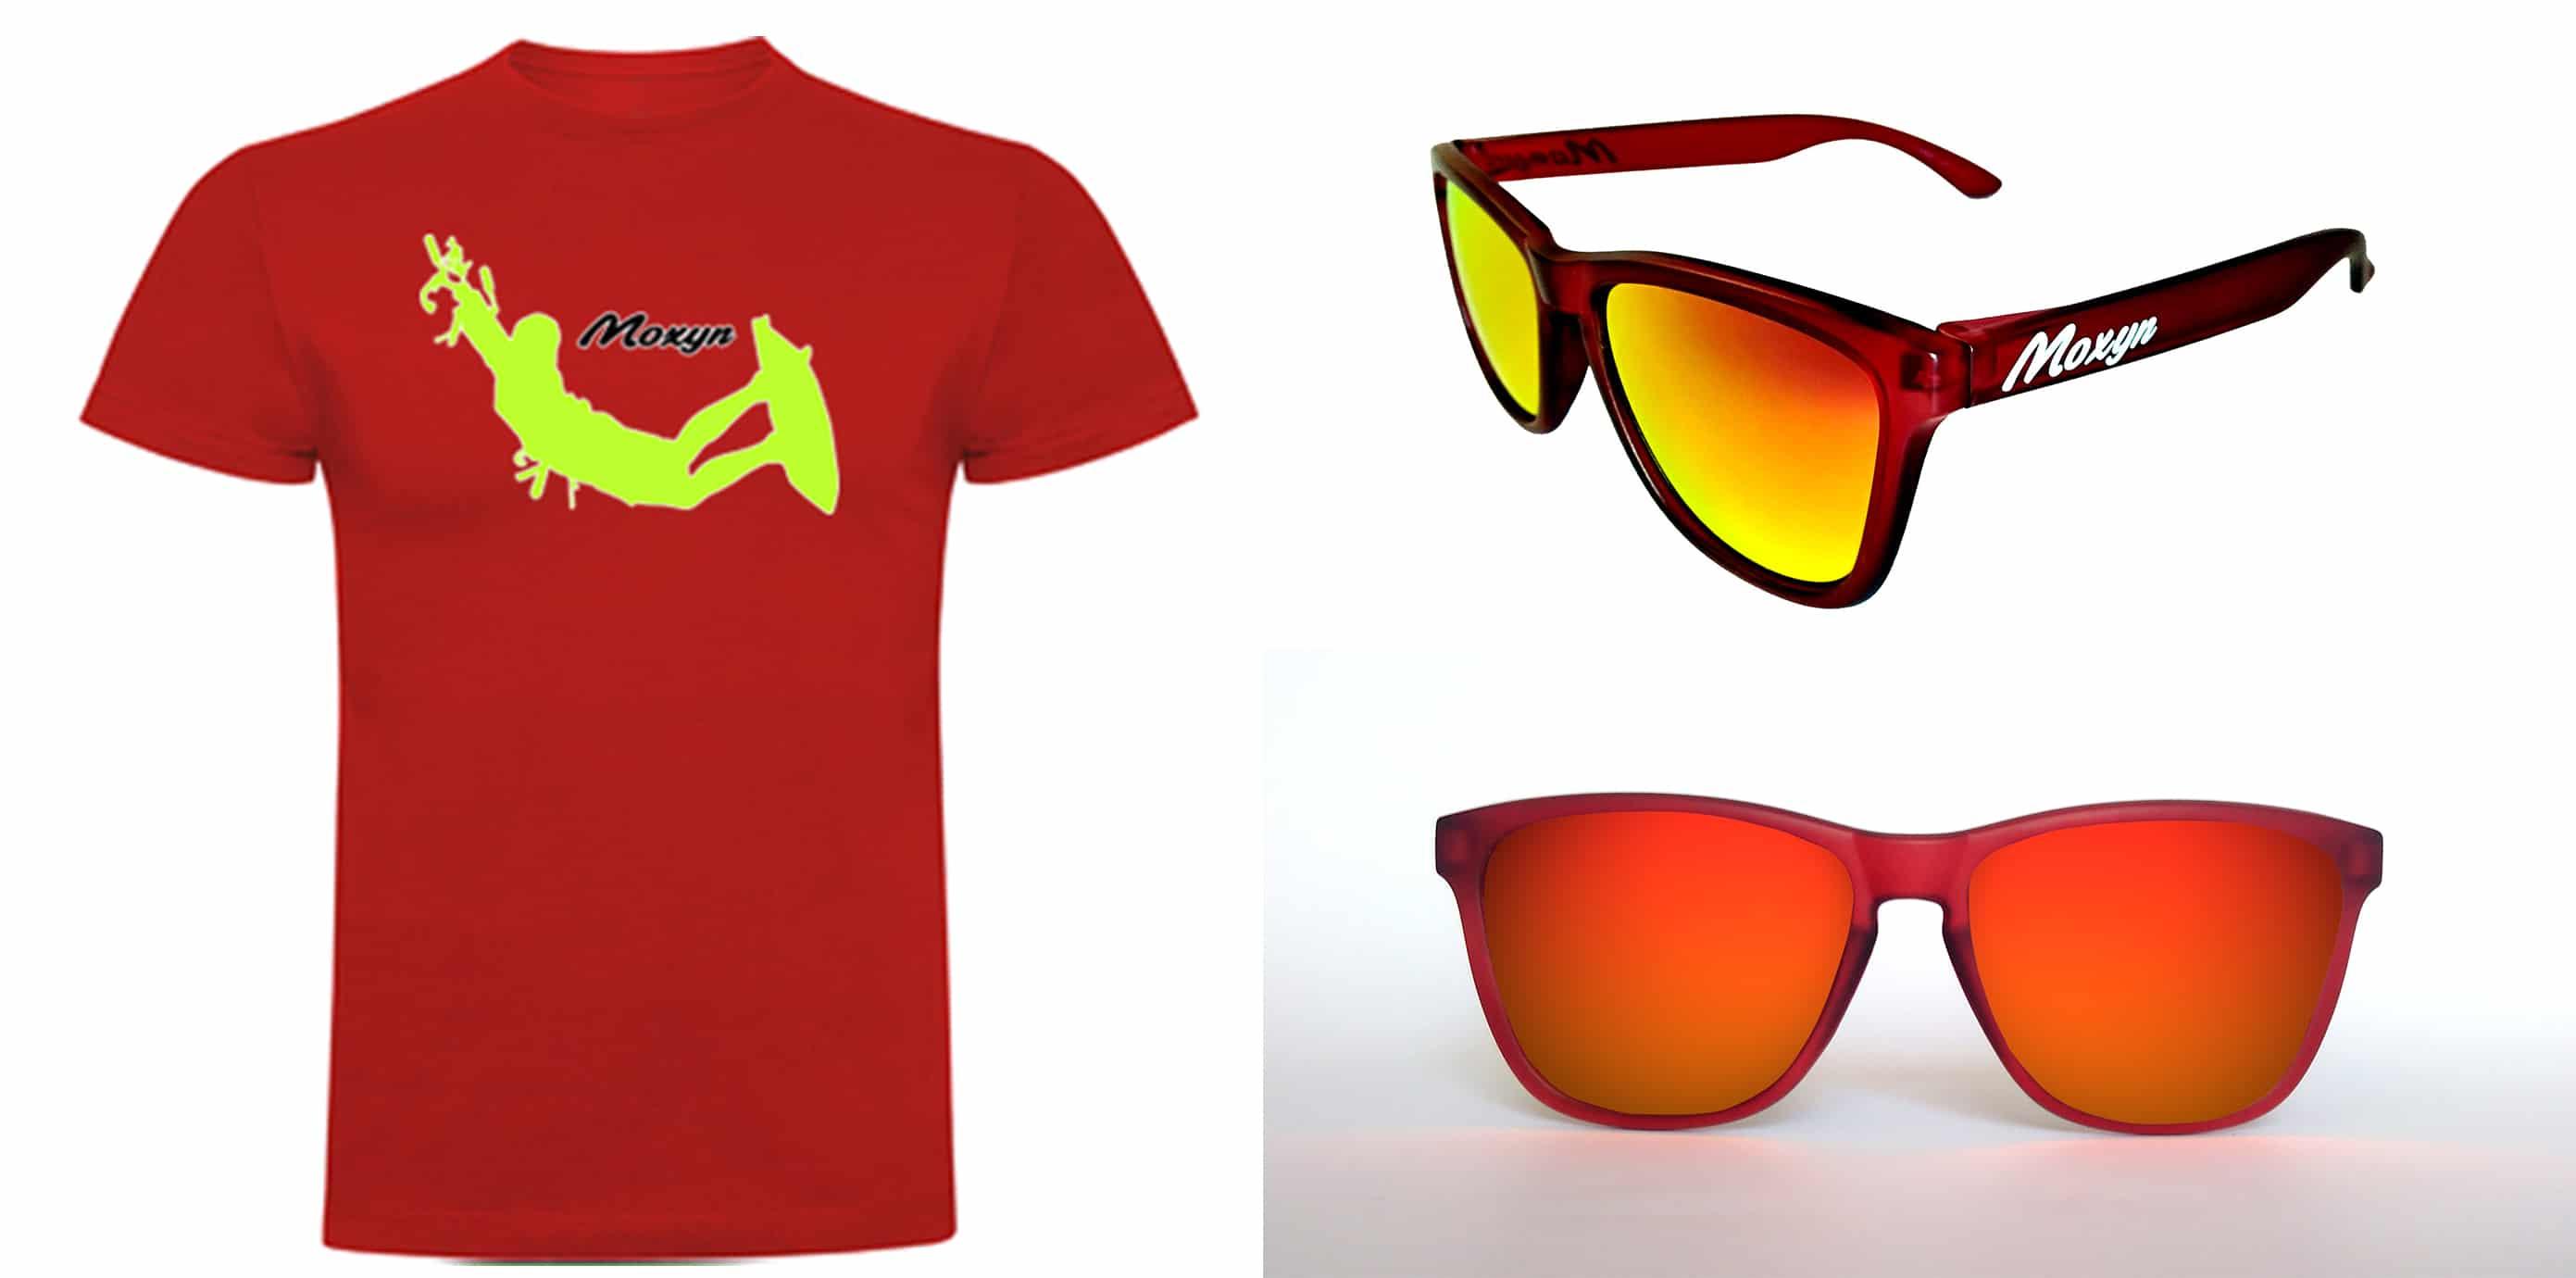 Camiseta SolSol Roja Online Gafas De Surfing Hombre Kite UpVSzM